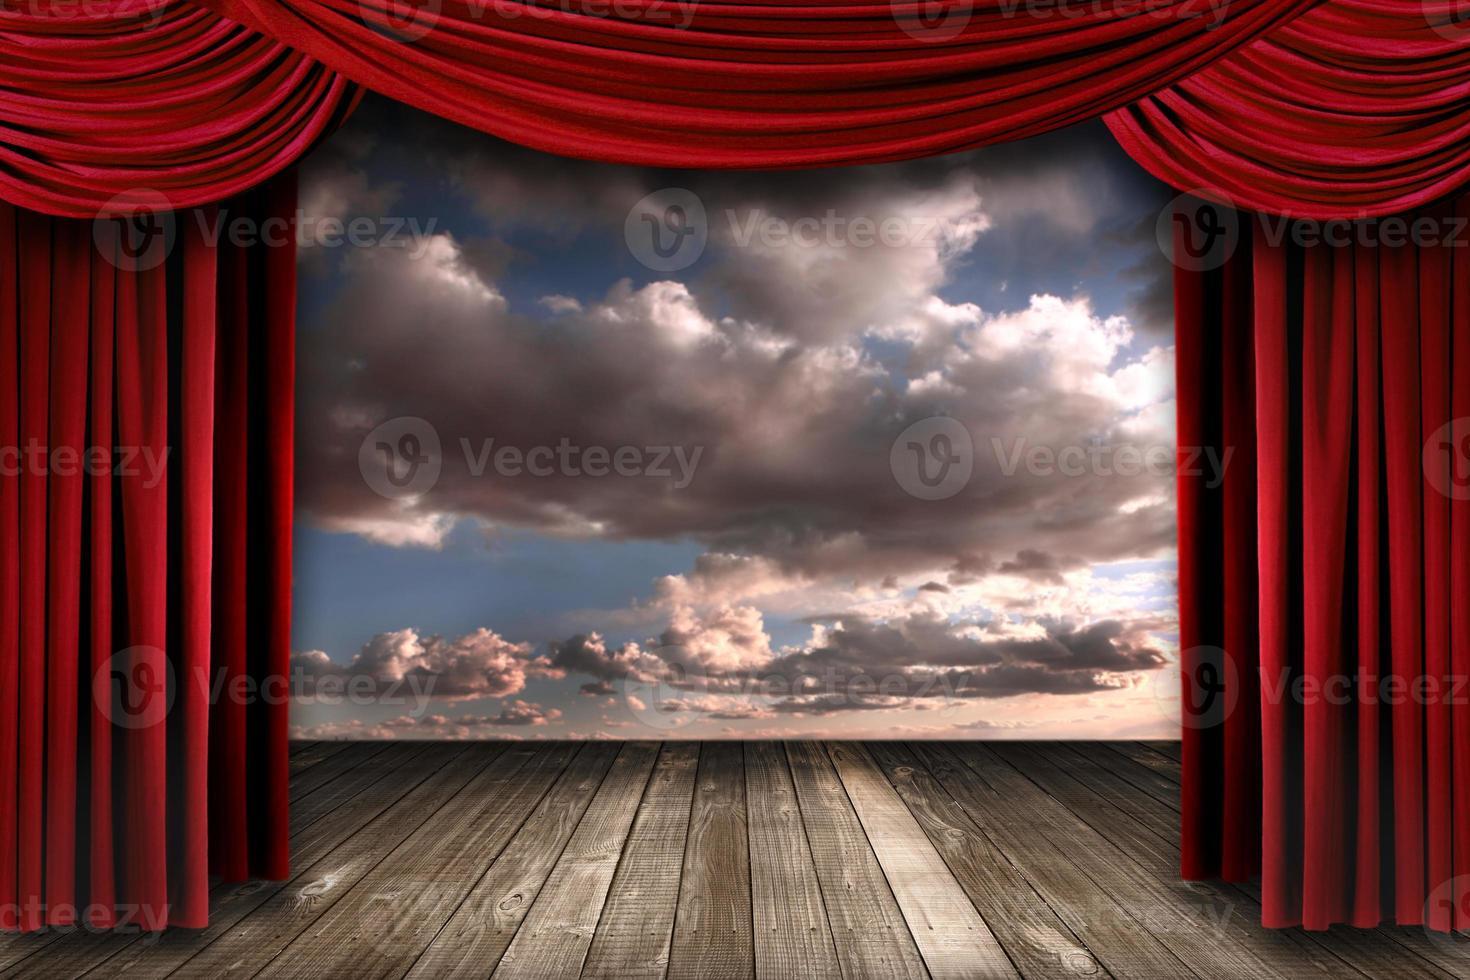 scène de spectacle intérieure avec rideaux de théâtre en velours rouge photo